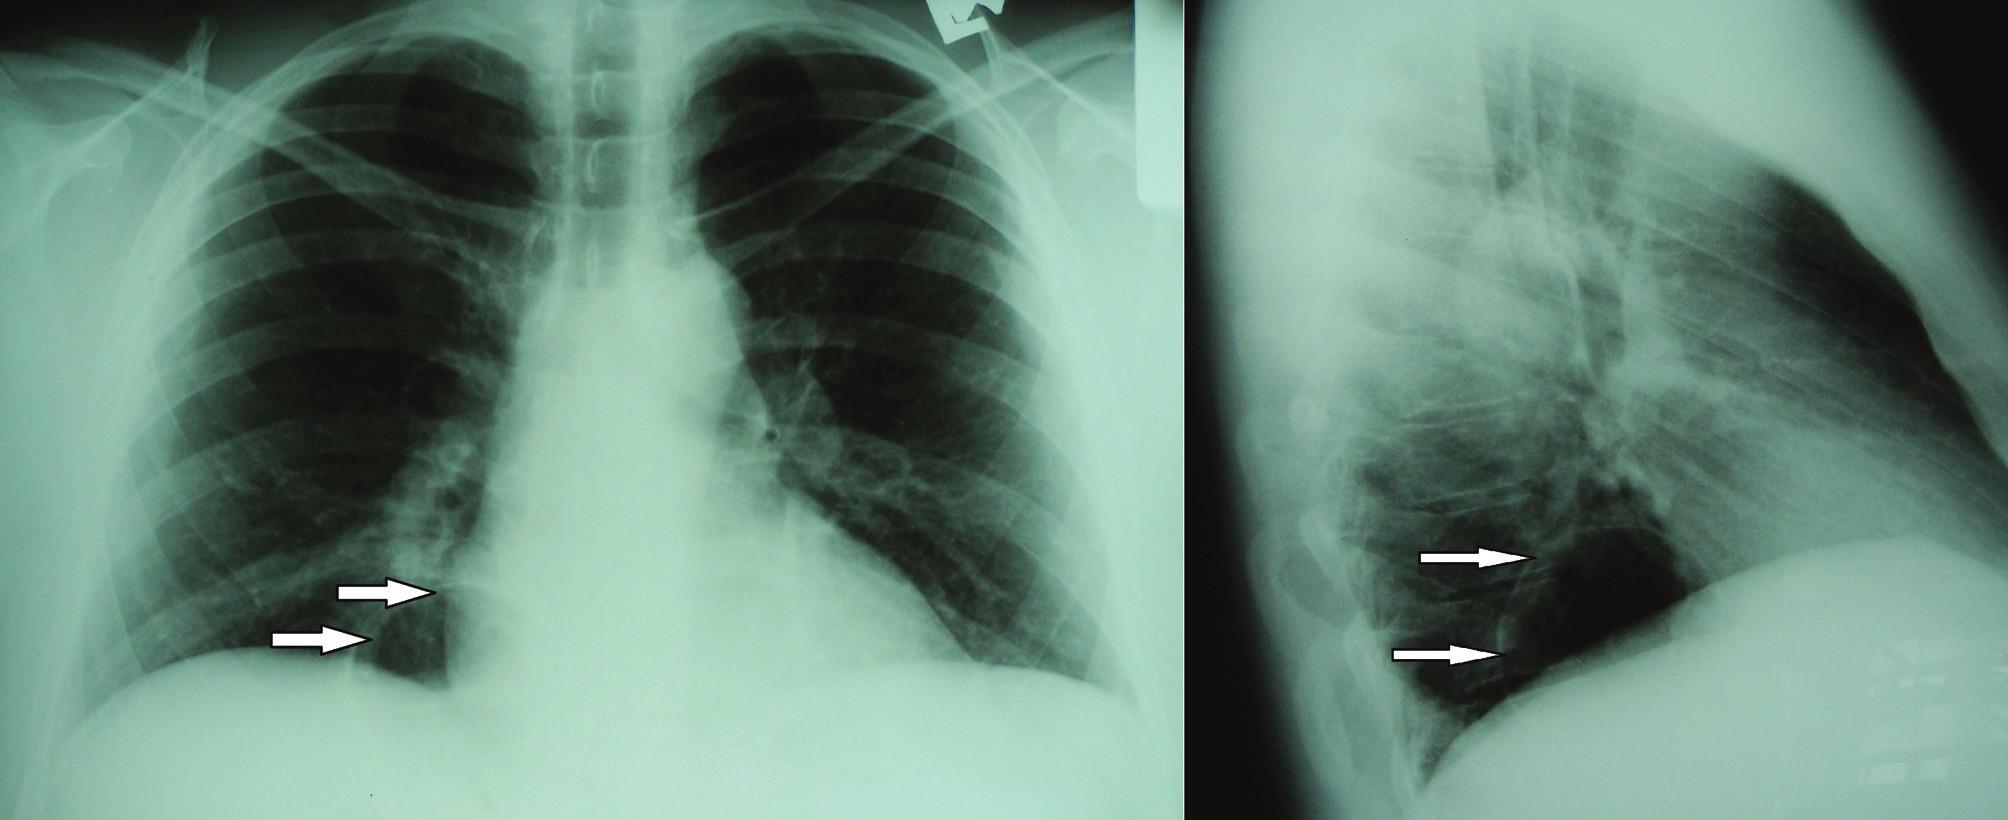 RTG hrudníka s prítomnou tenkostennou transparenciou okrúhleho tvaru v pravom kostofrenickom uhle Fig. 1: X-ray of the chest with thin-walled transparency of round shape in the right costophrenic angle